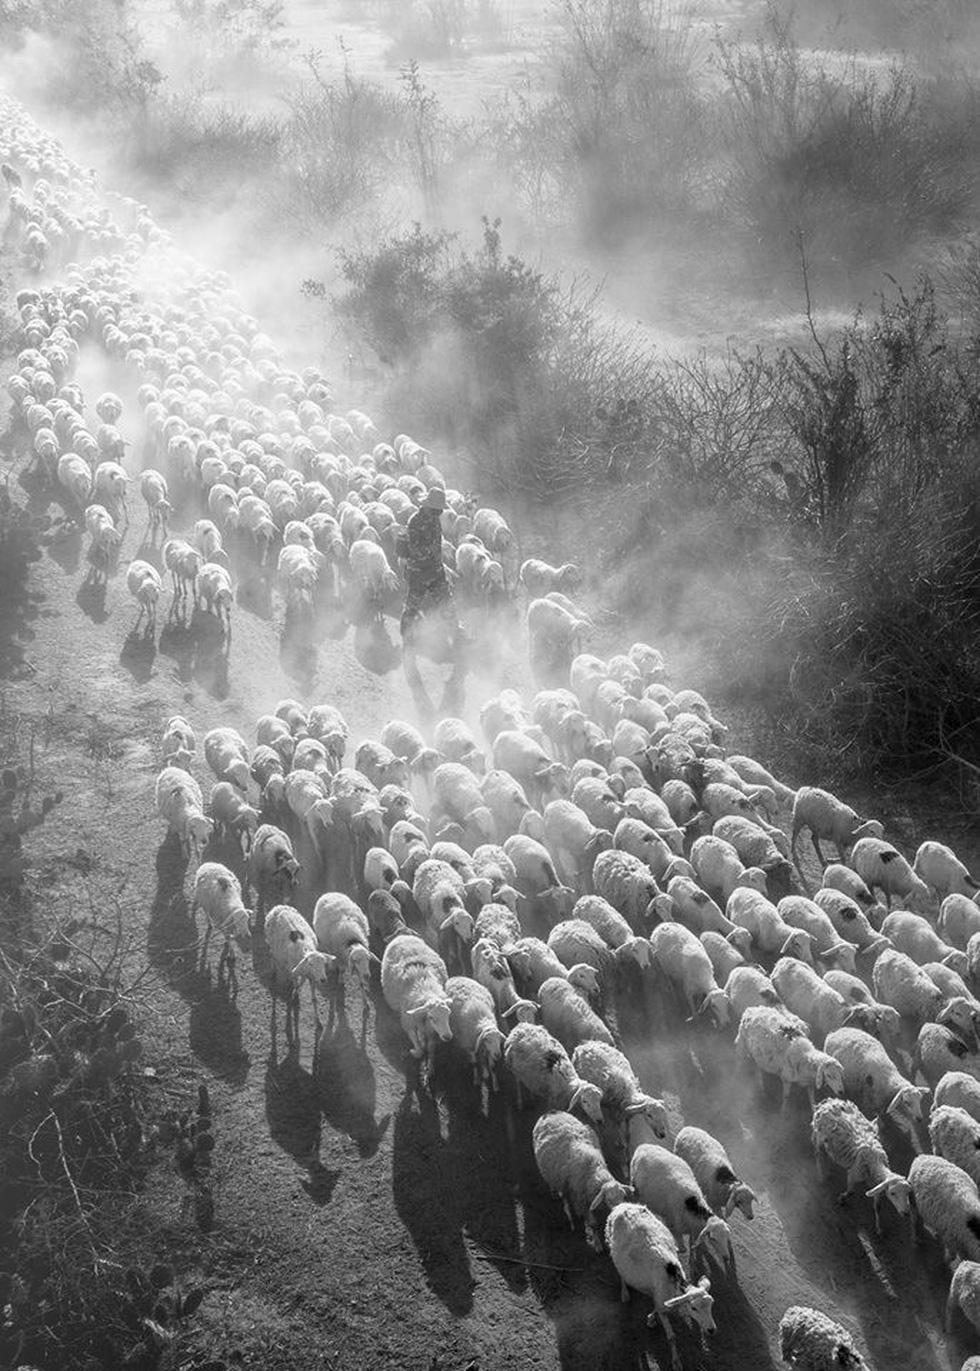 Đàn cừu trở về ở Ninh Thuận nổi bật trên National Geographic - Ảnh 2.